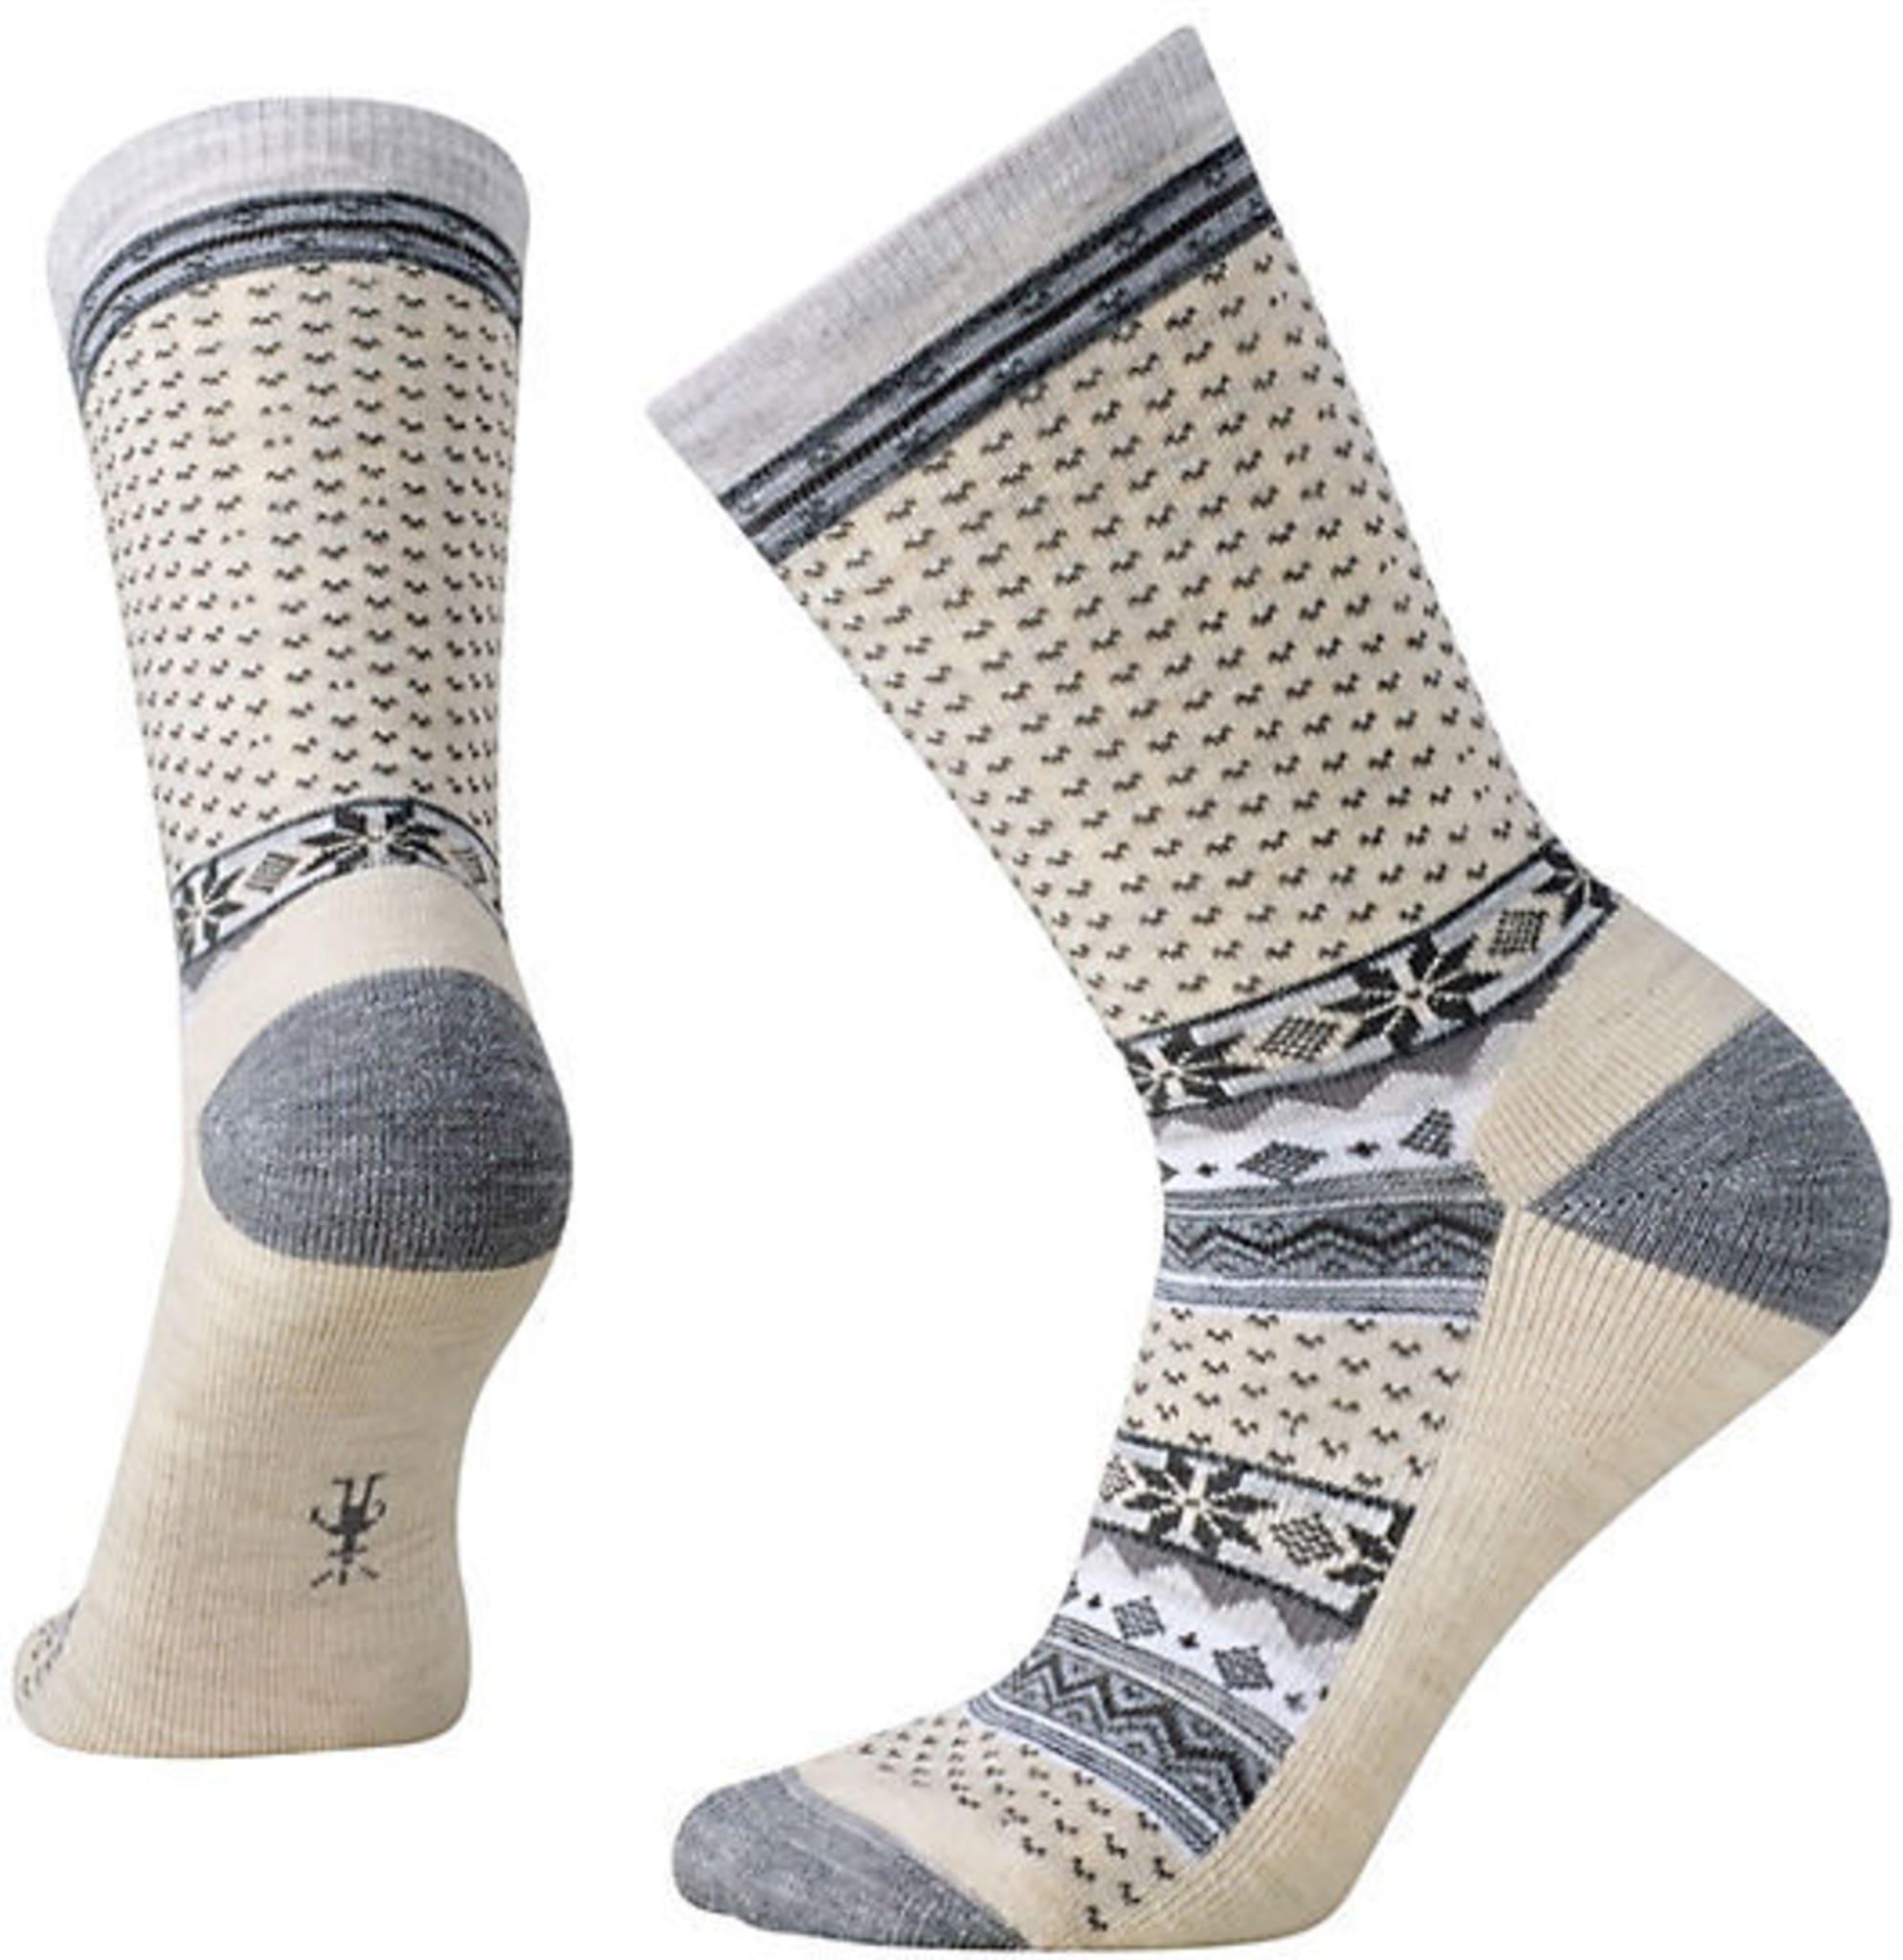 Behagelig frotert sokk for tur og hytta!